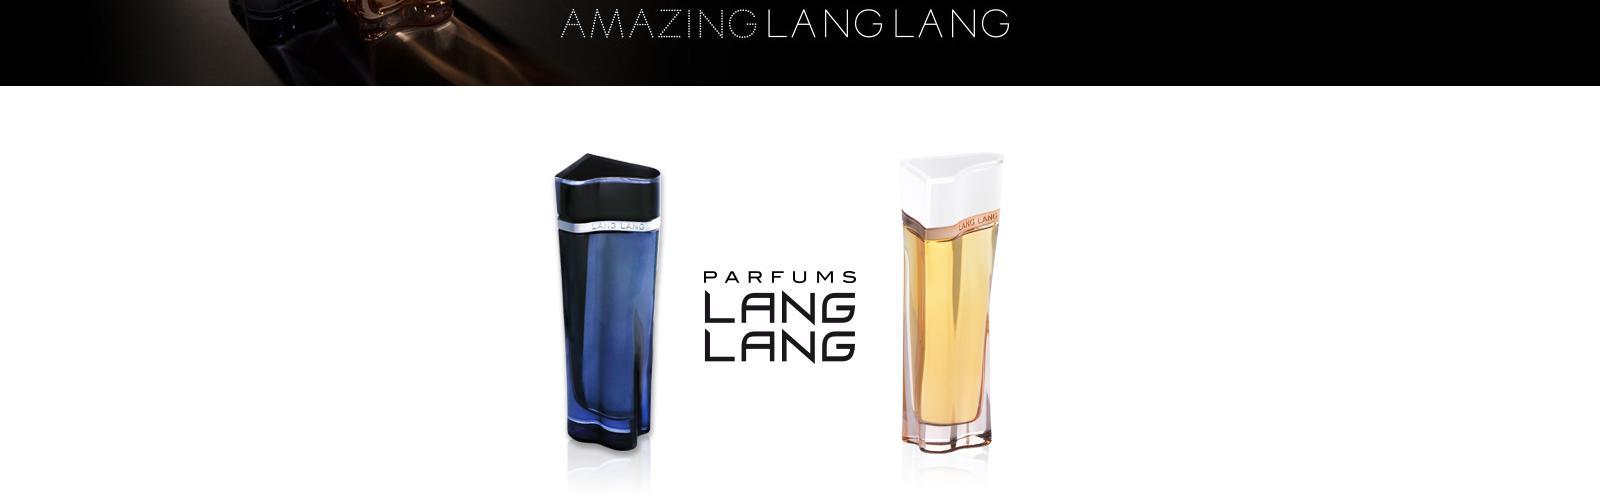 Parfum lang lang Vichy